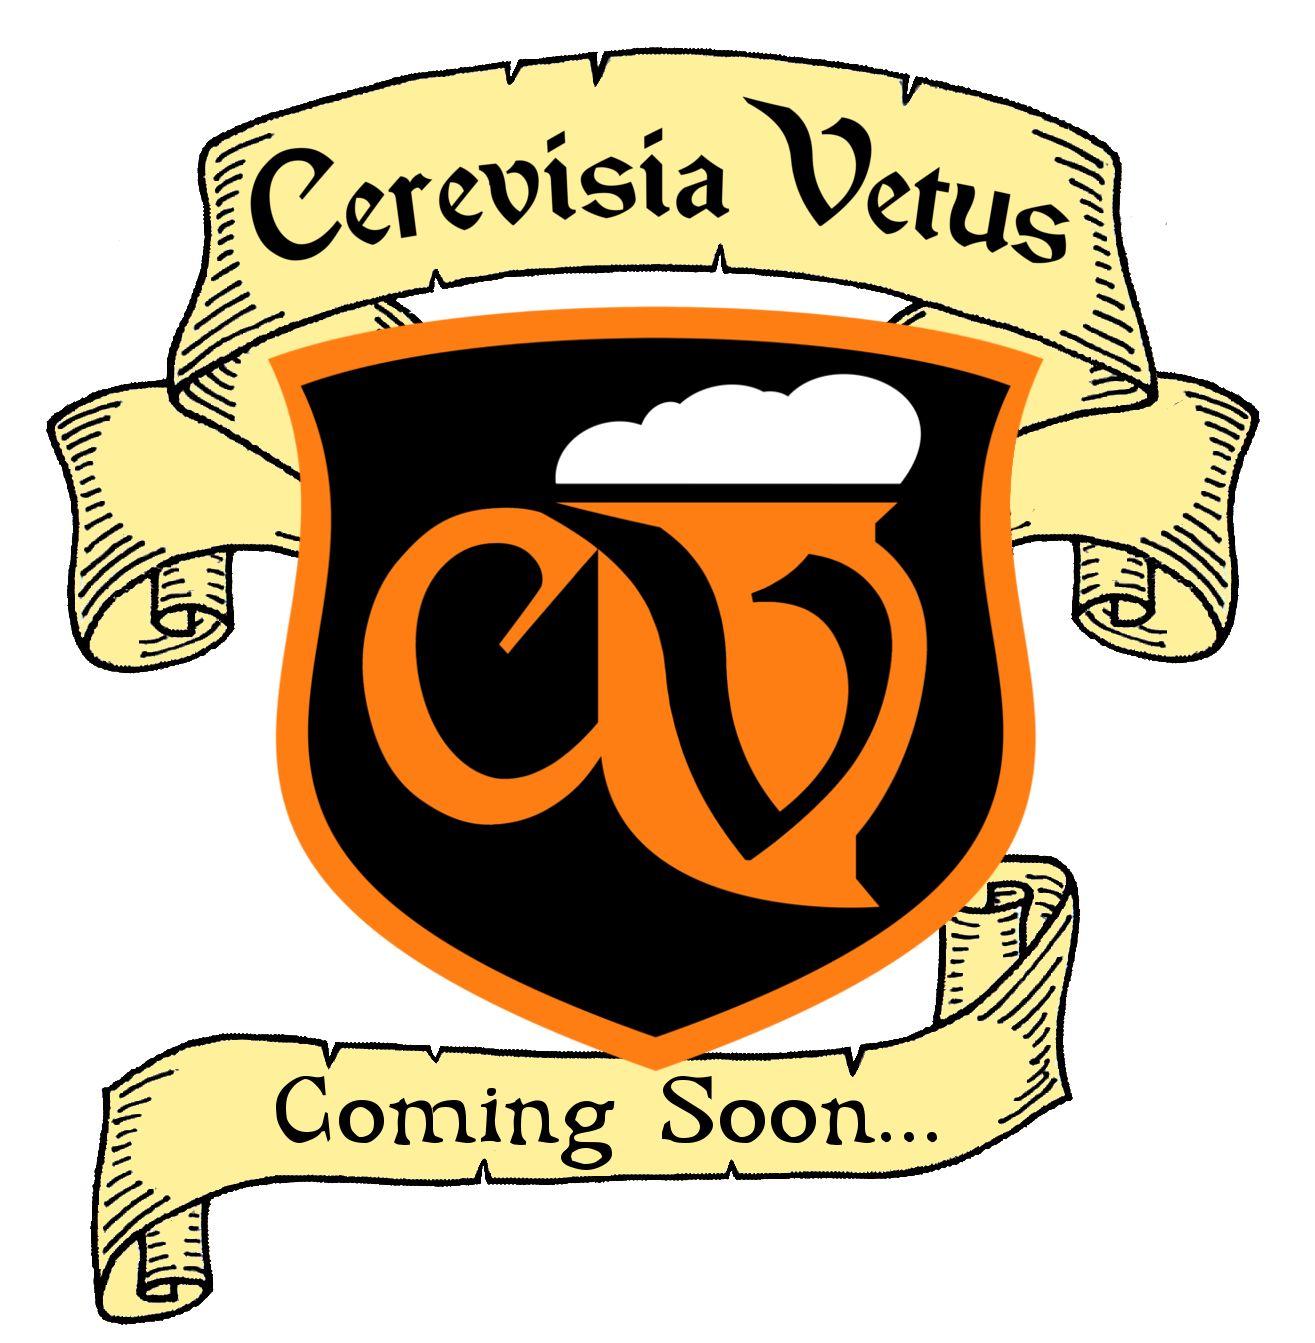 cerevisia_vetus